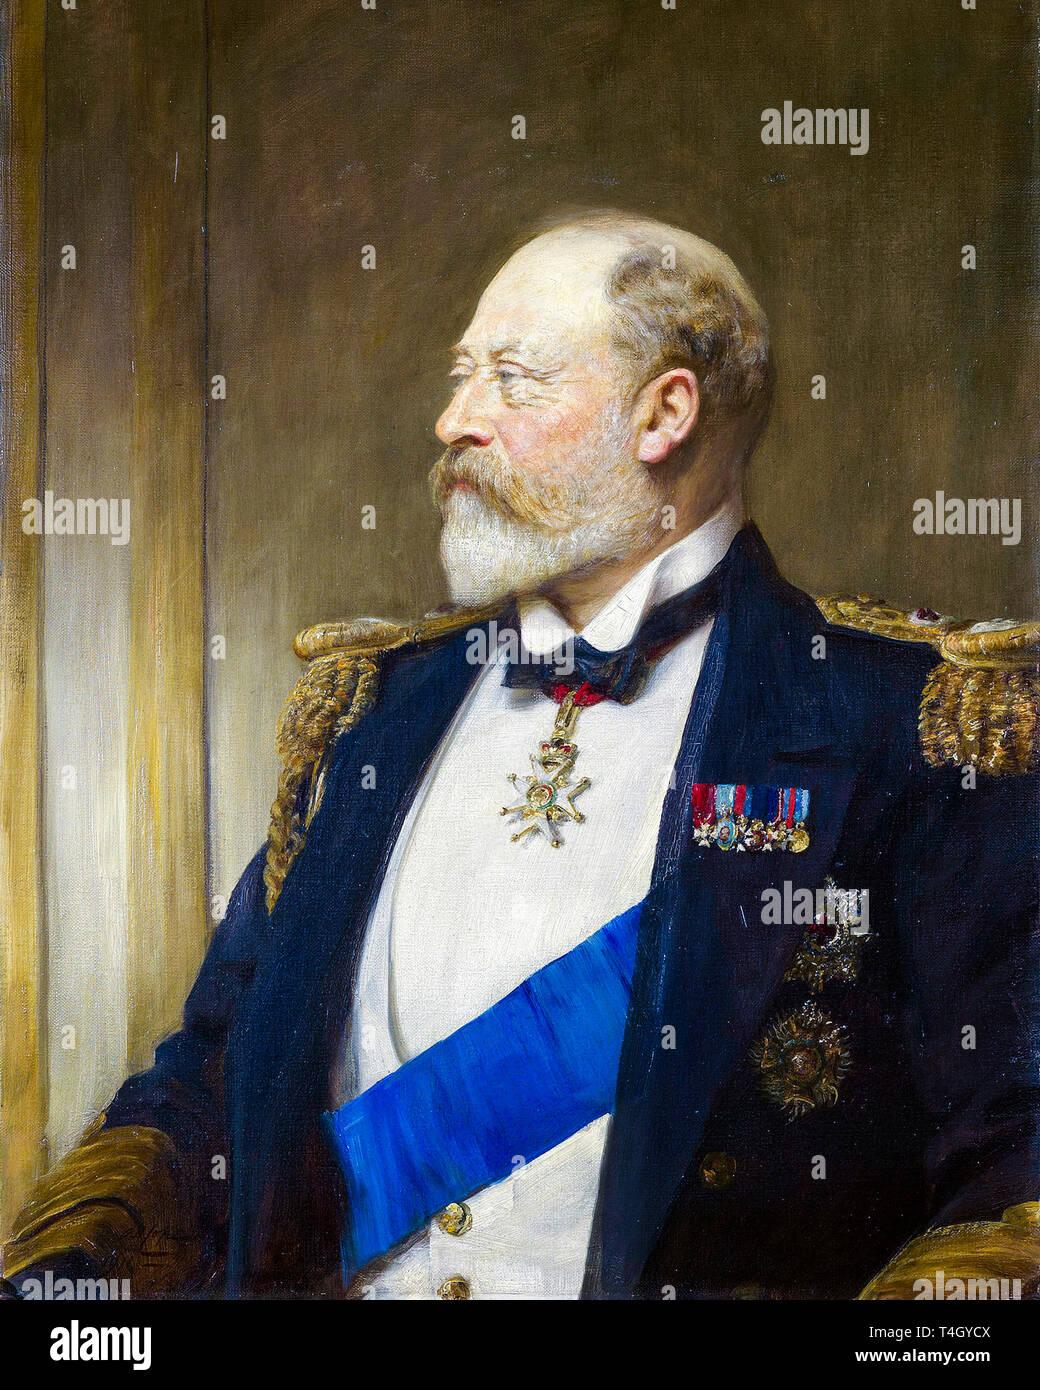 Arthur Stockdale Cope, King Edward VII, portrait painting, 1911 - Stock Image